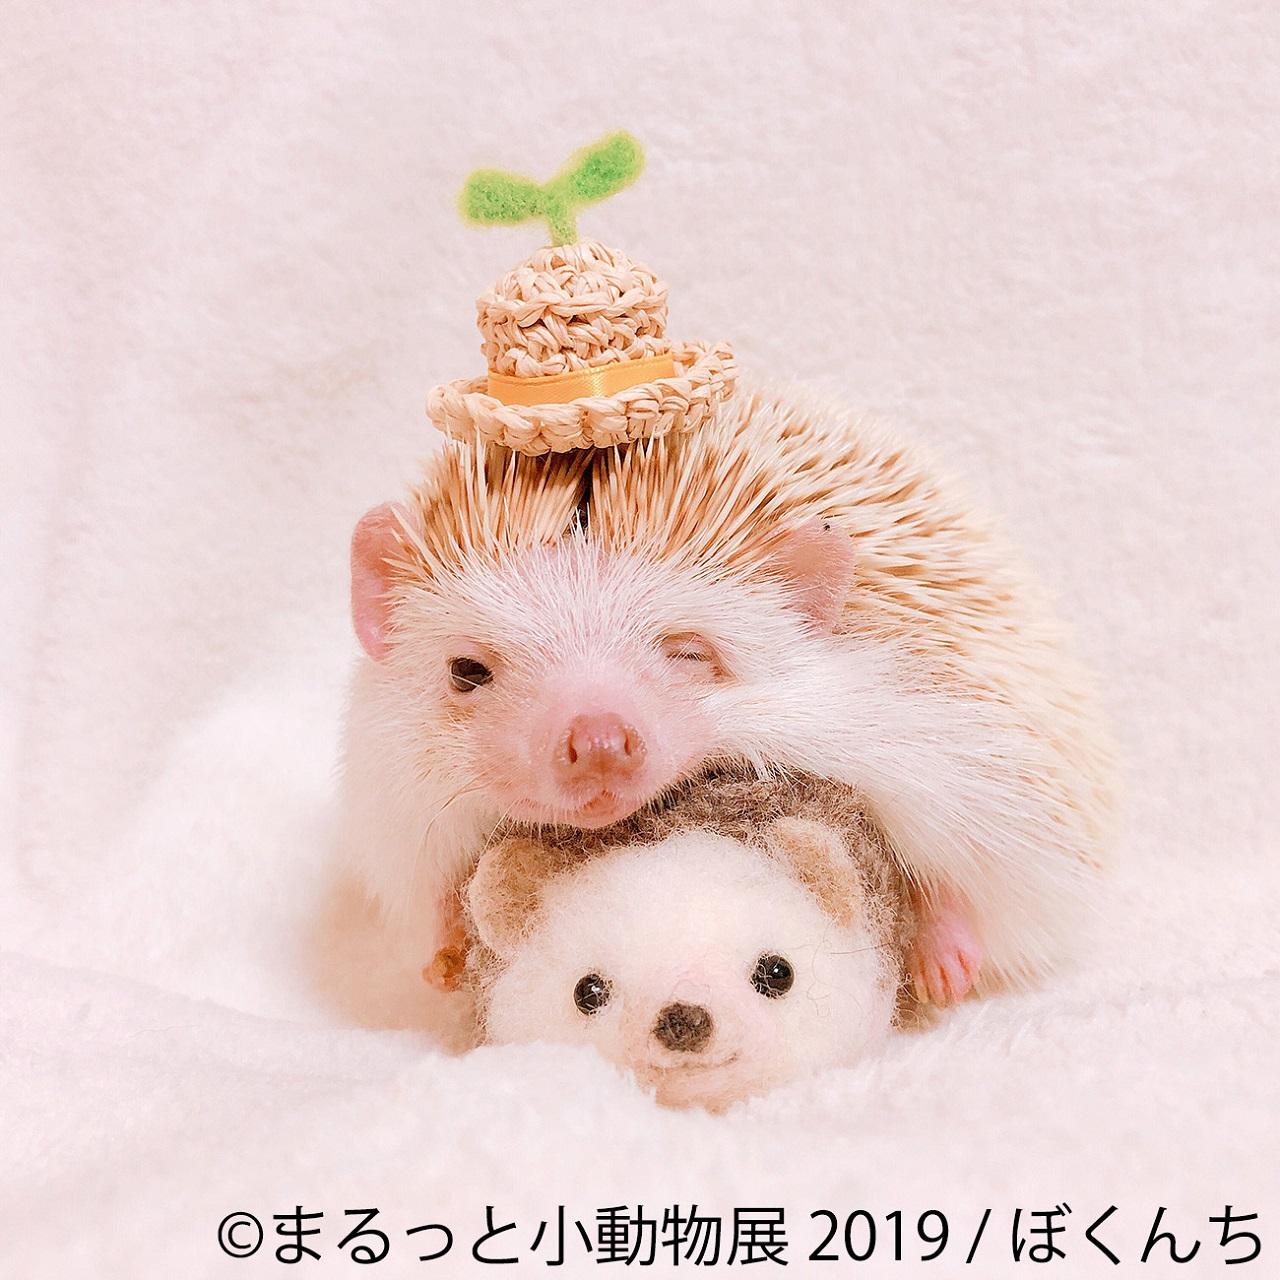 可愛くて癒される!ハリネズミやハムスターが主役の「まるっと小動物展」開催